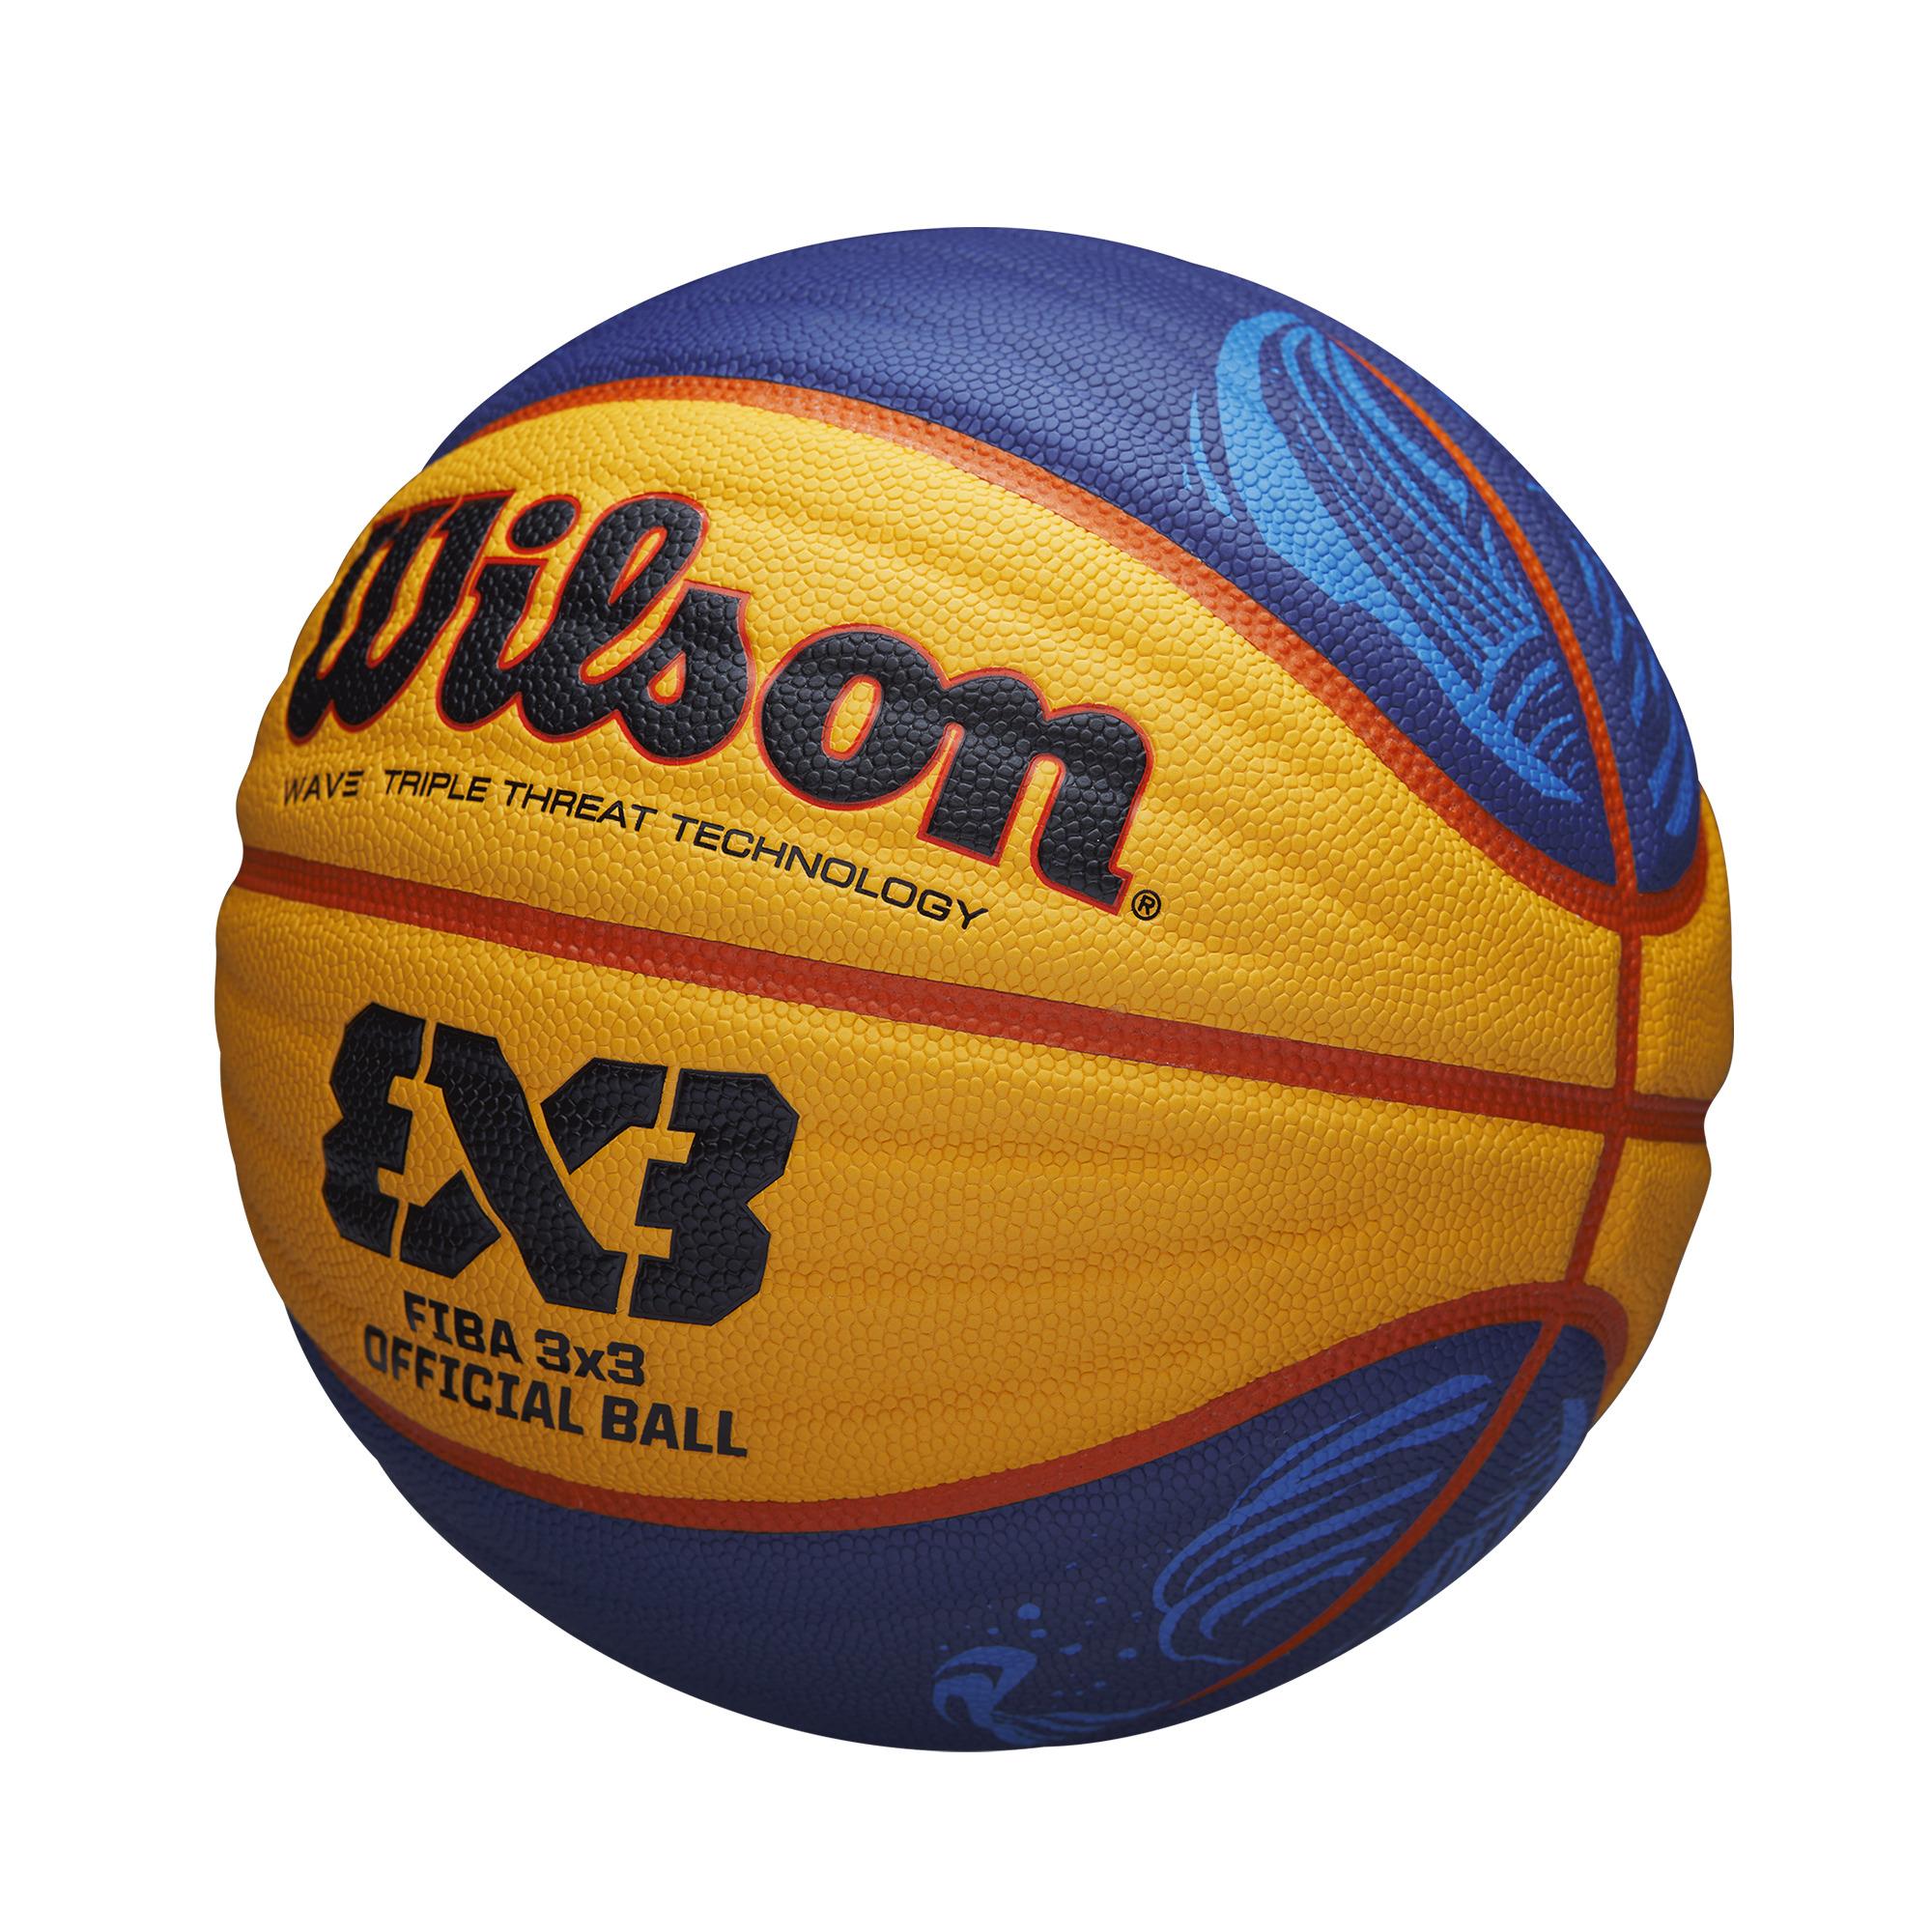 WILSON basketbola bumba FIBA 3X3 OFFICIAL GAME BALL 2020 bumba